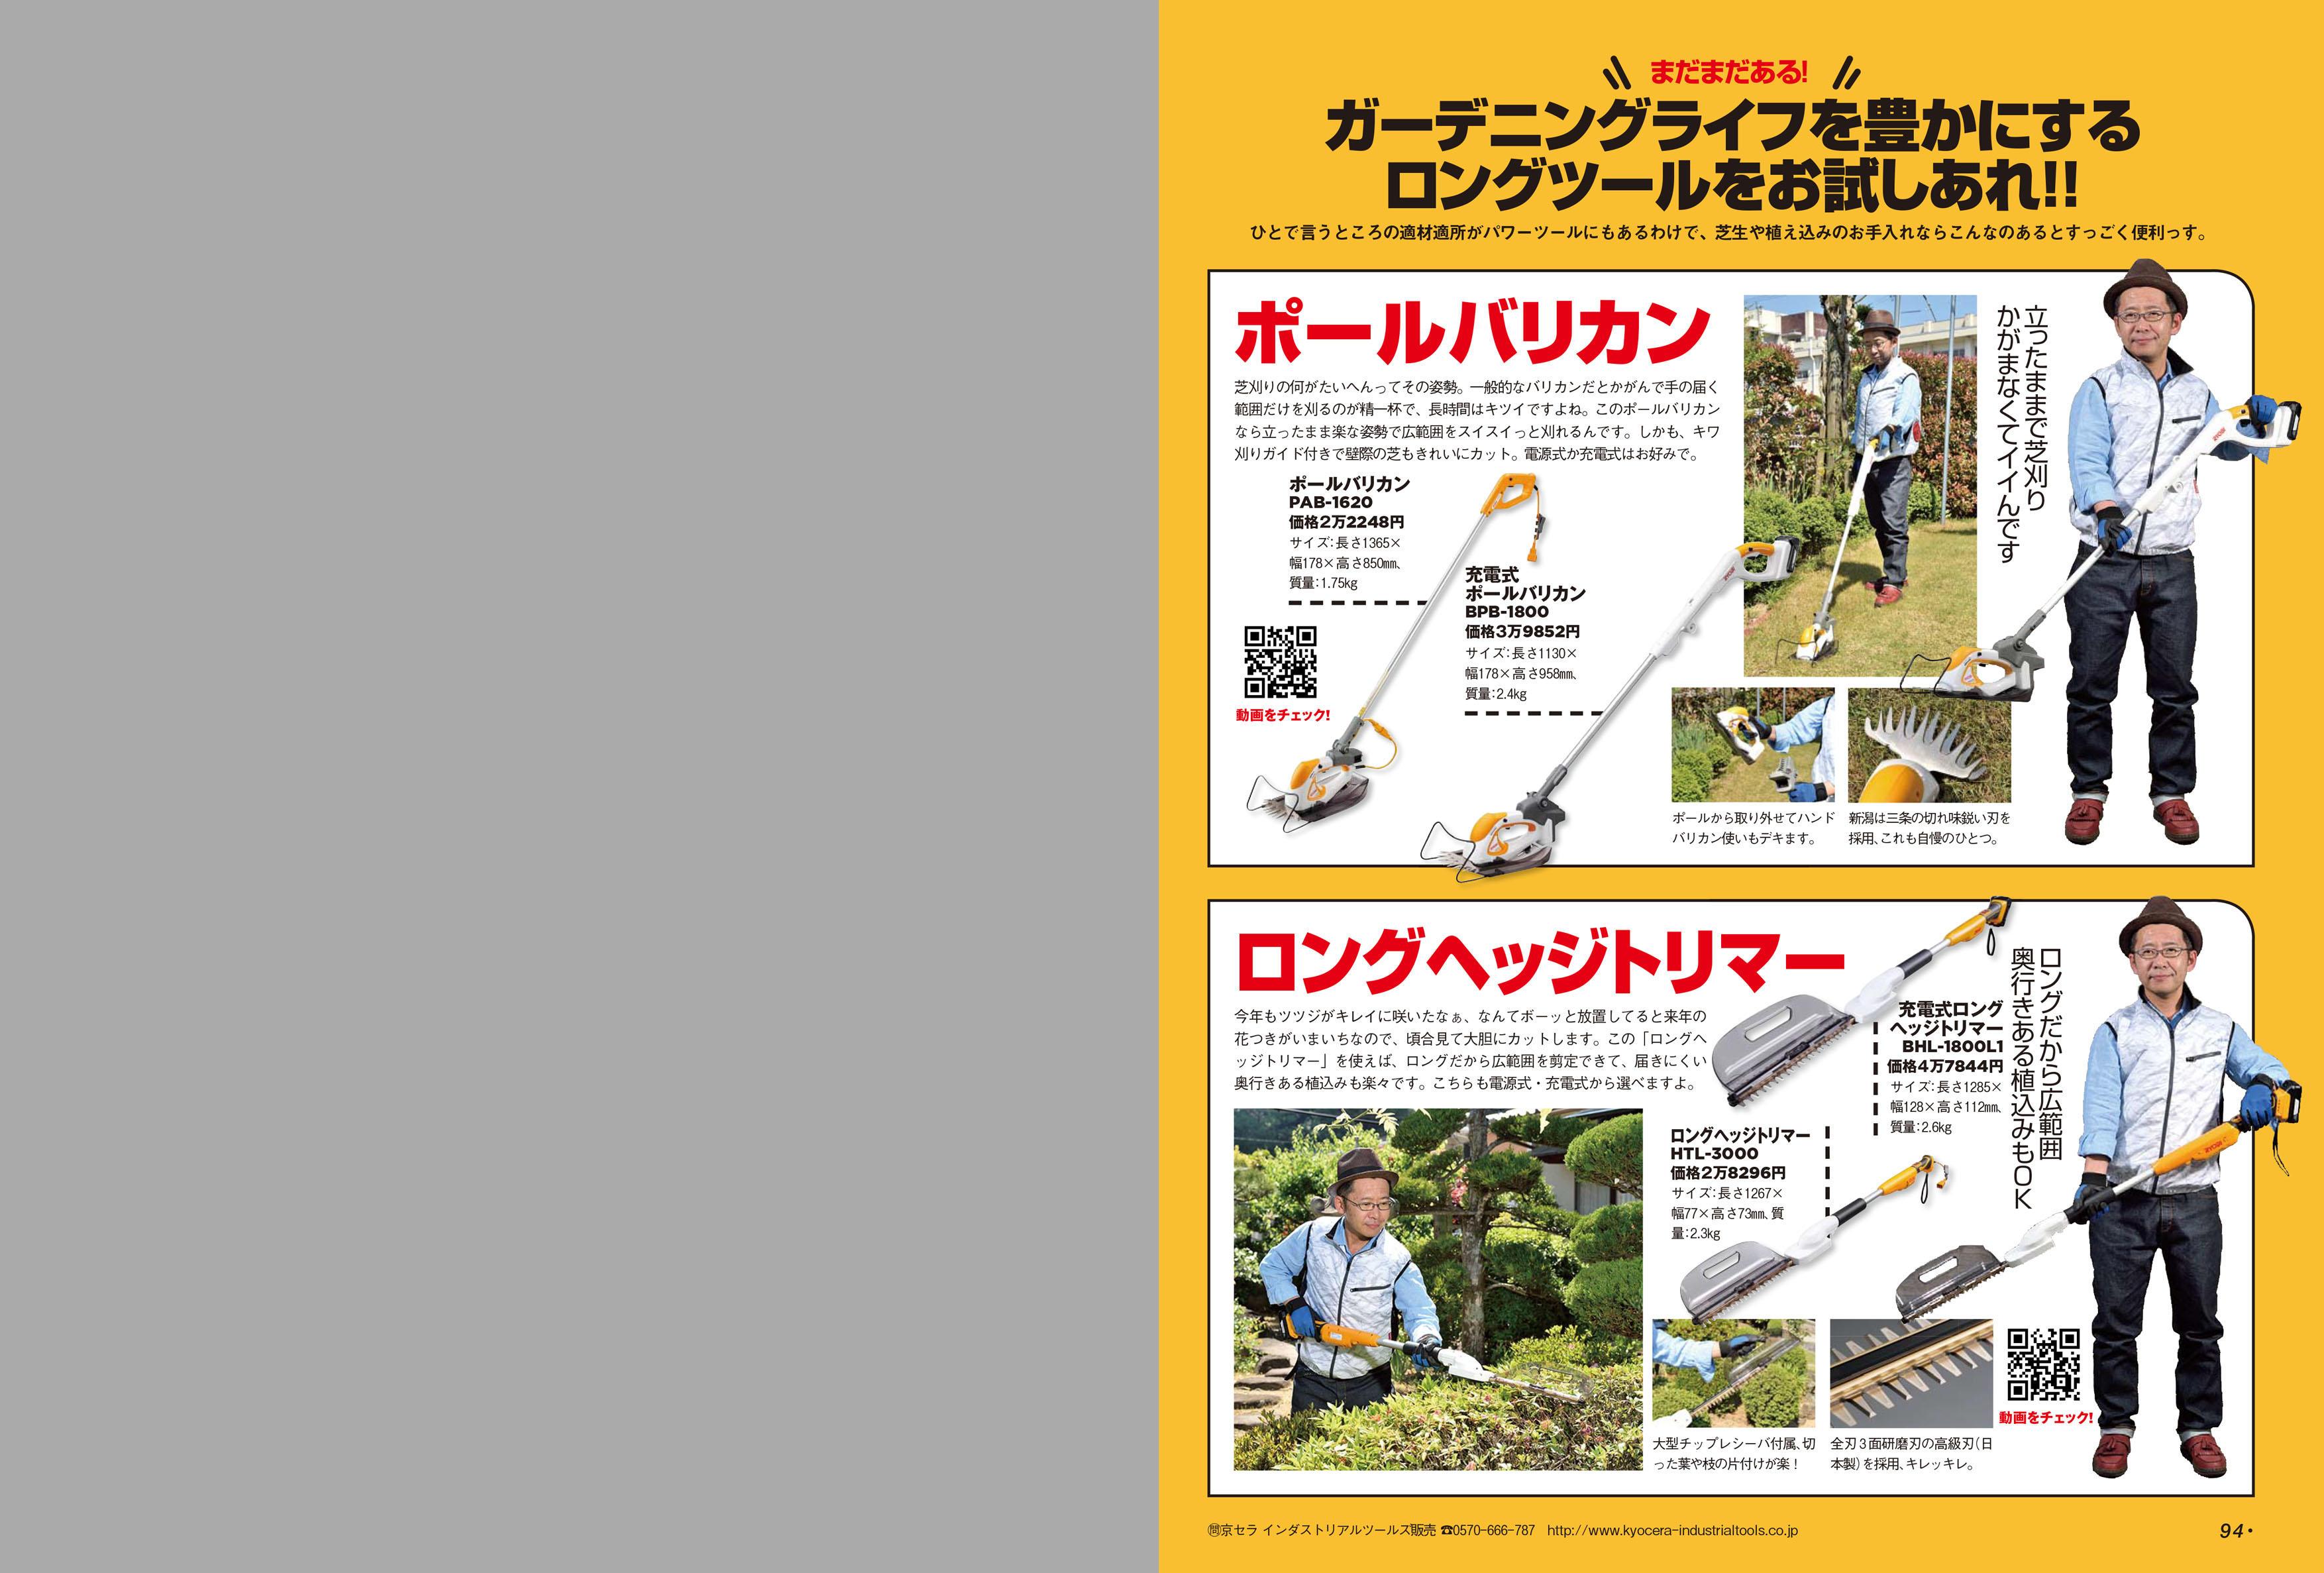 モノマガ_6月16日売り_BPCSほか-2.jpg